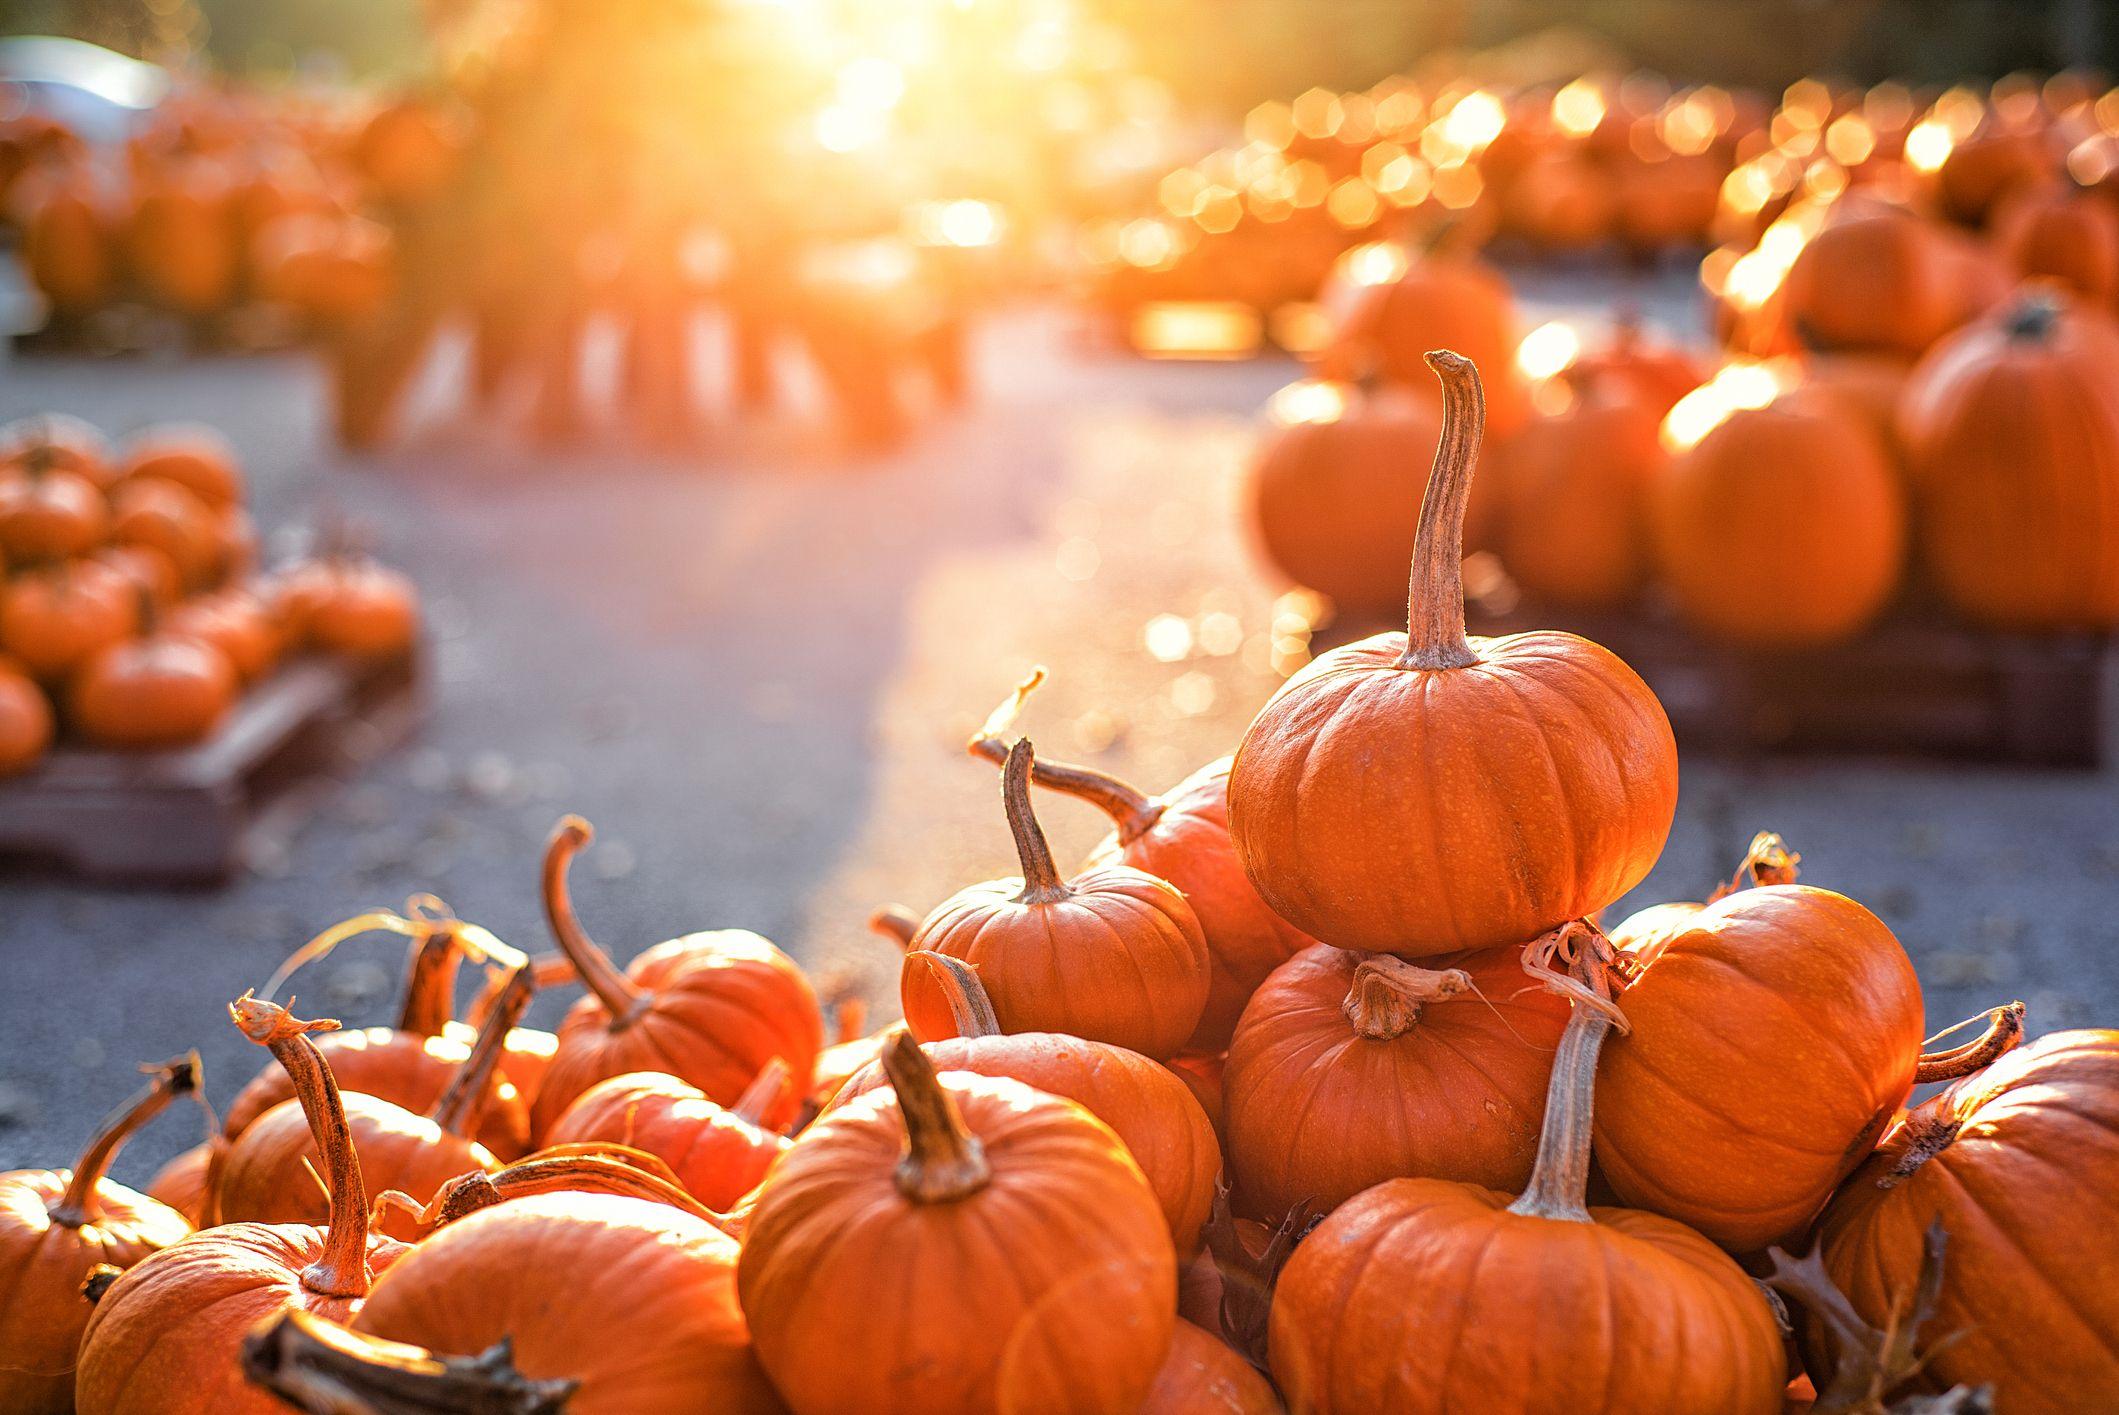 Pumpkin Nutrition Best Pumpkin Health Benefits Say Dietitians